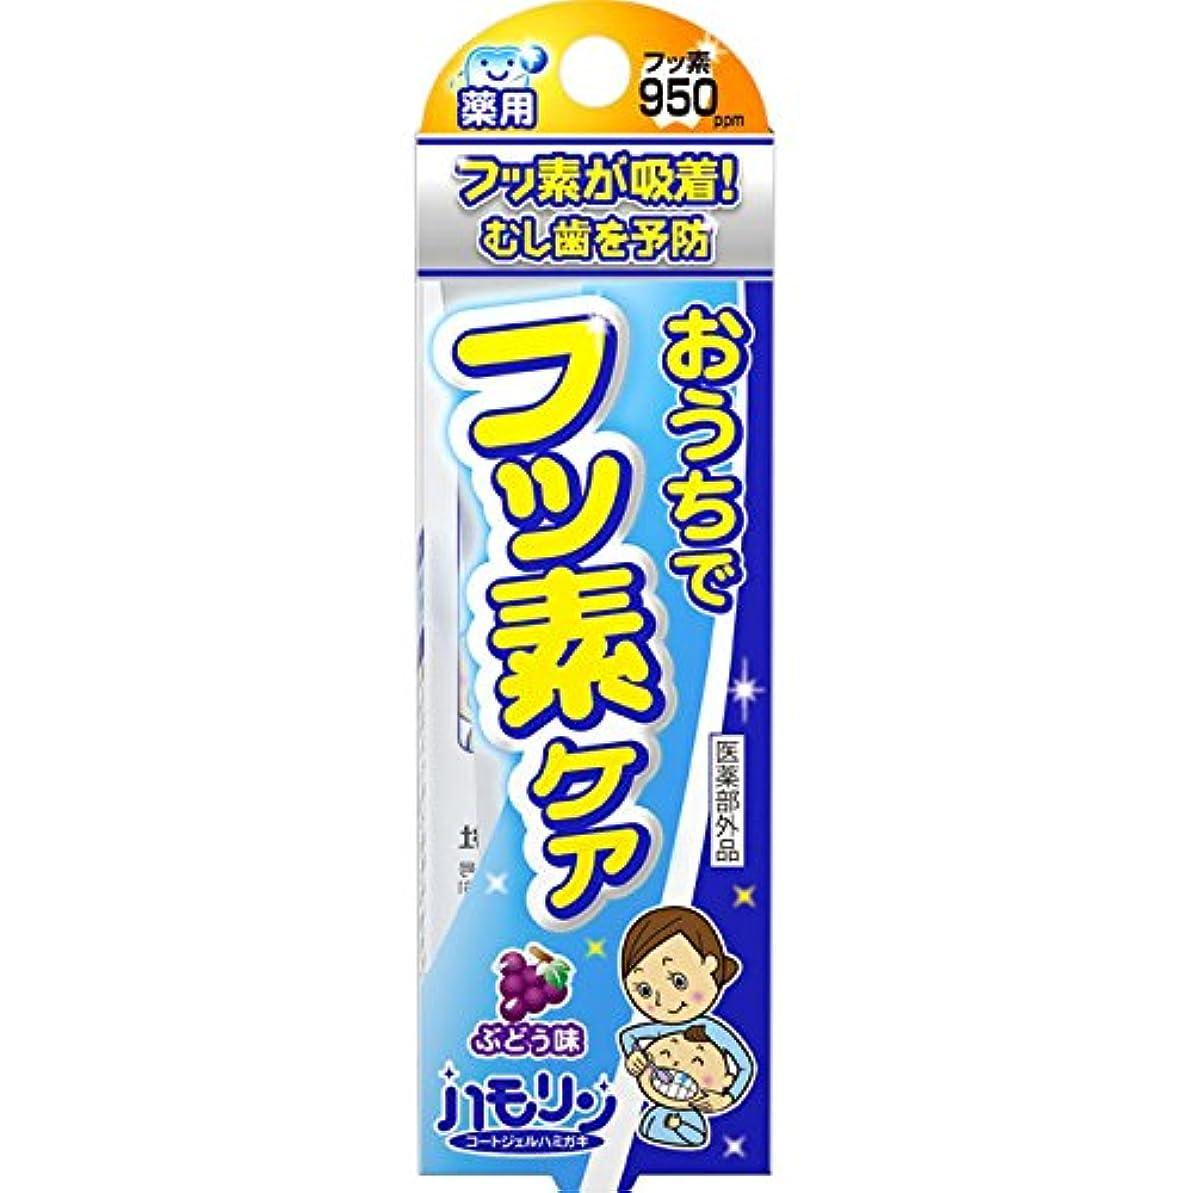 足スペルすり丹平製薬 ハモリン ぶどう味 30g